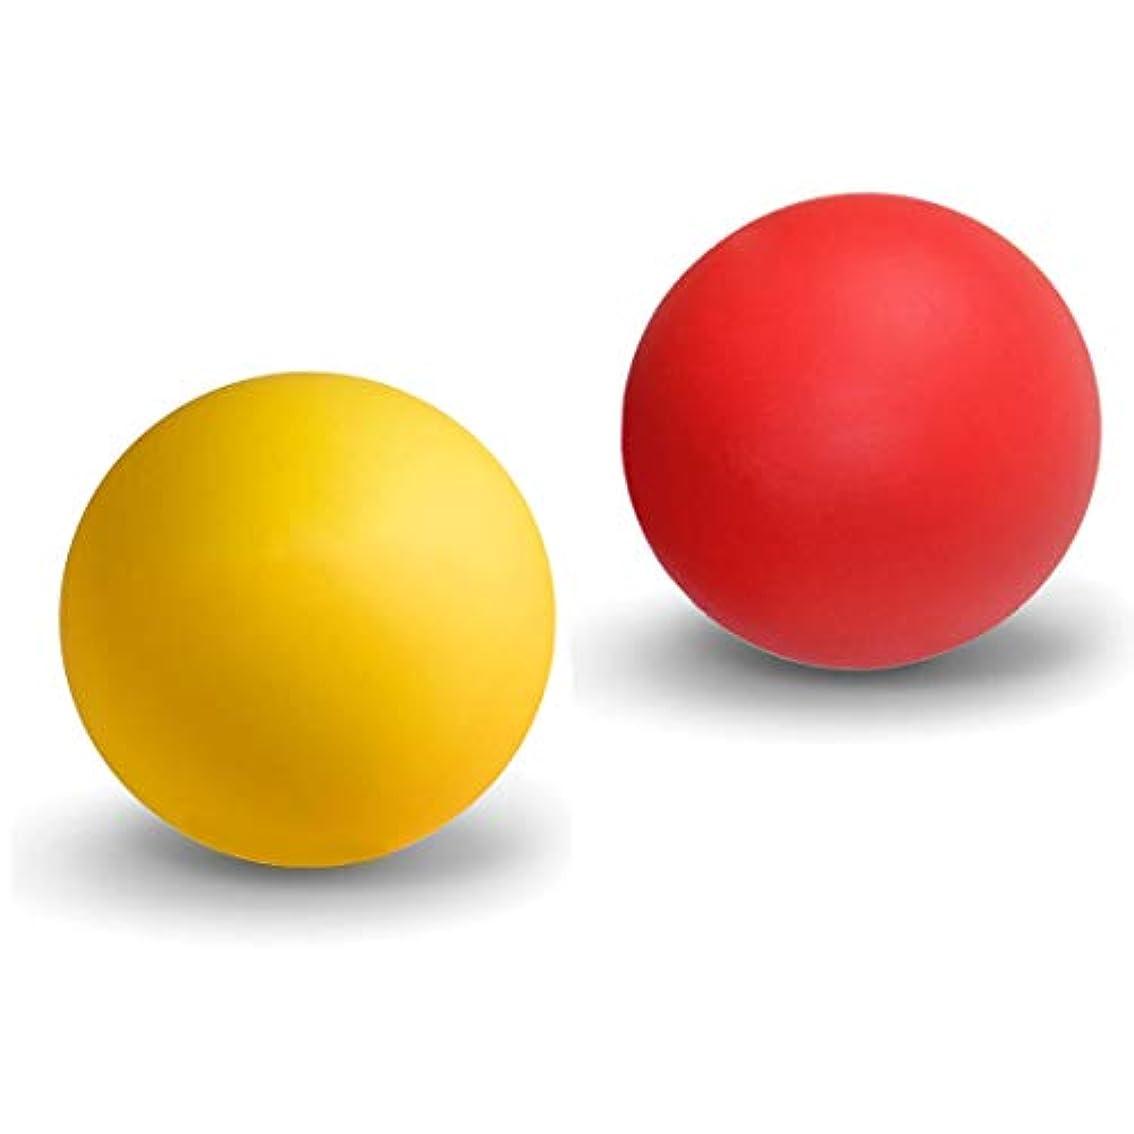 現実的同意起業家マッサージボール ストレッチボール トリガーポイント ラクロスボール 筋膜リリース トレーニング 指圧ボールマッスルマッサージボール 背中 肩こり 腰 ふくらはぎ 足裏 ツボ押しグッズ 2で1組み合わせ 2個 セット